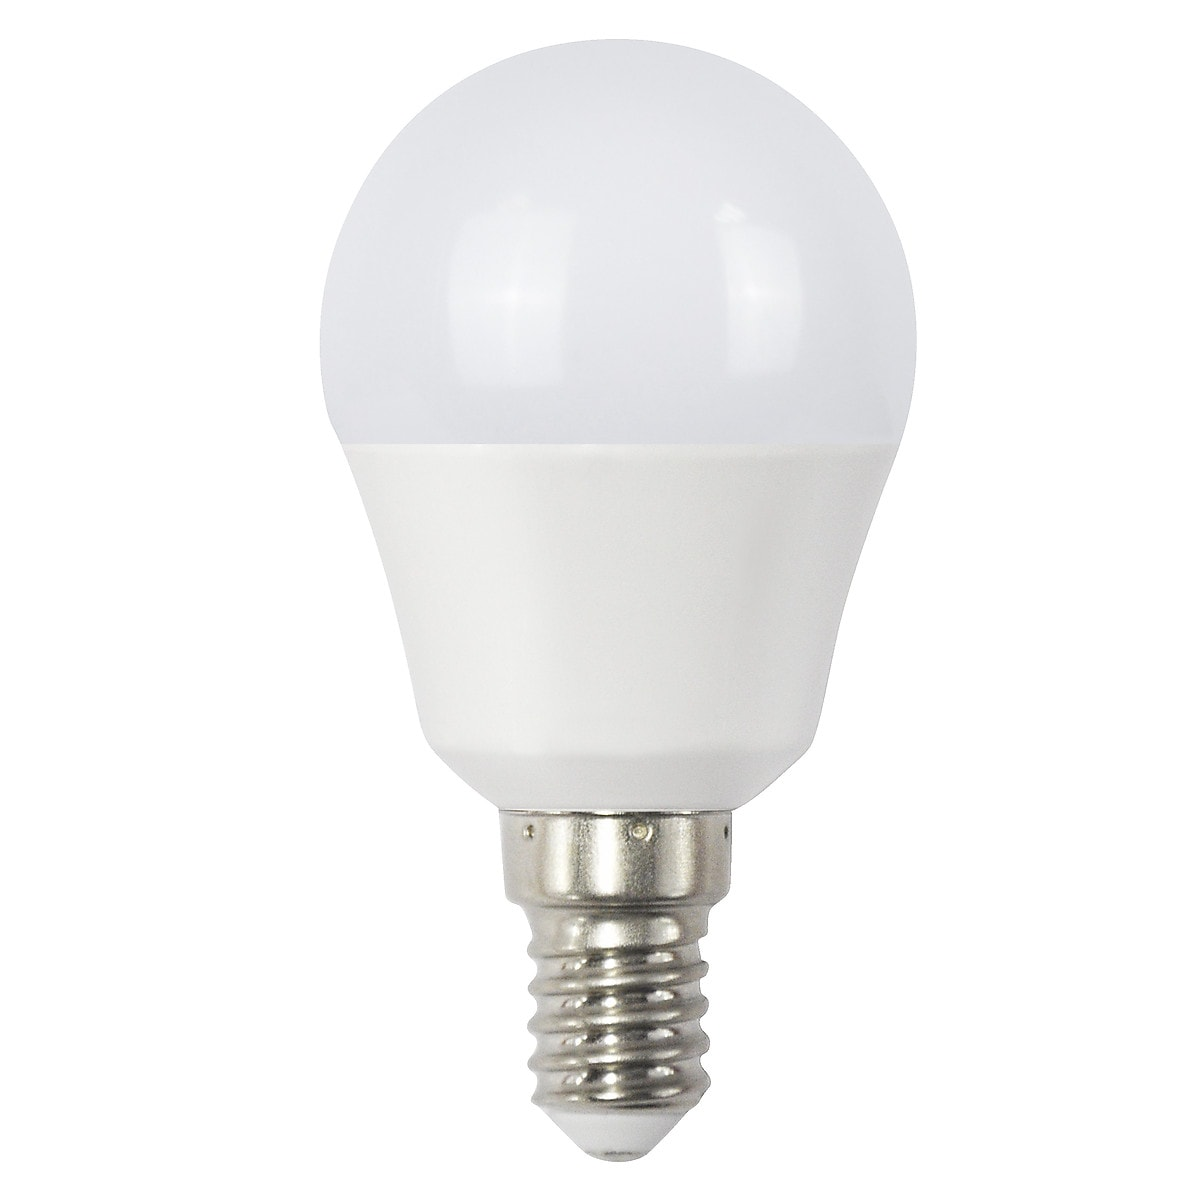 LED-ljuskälla till Smart Light